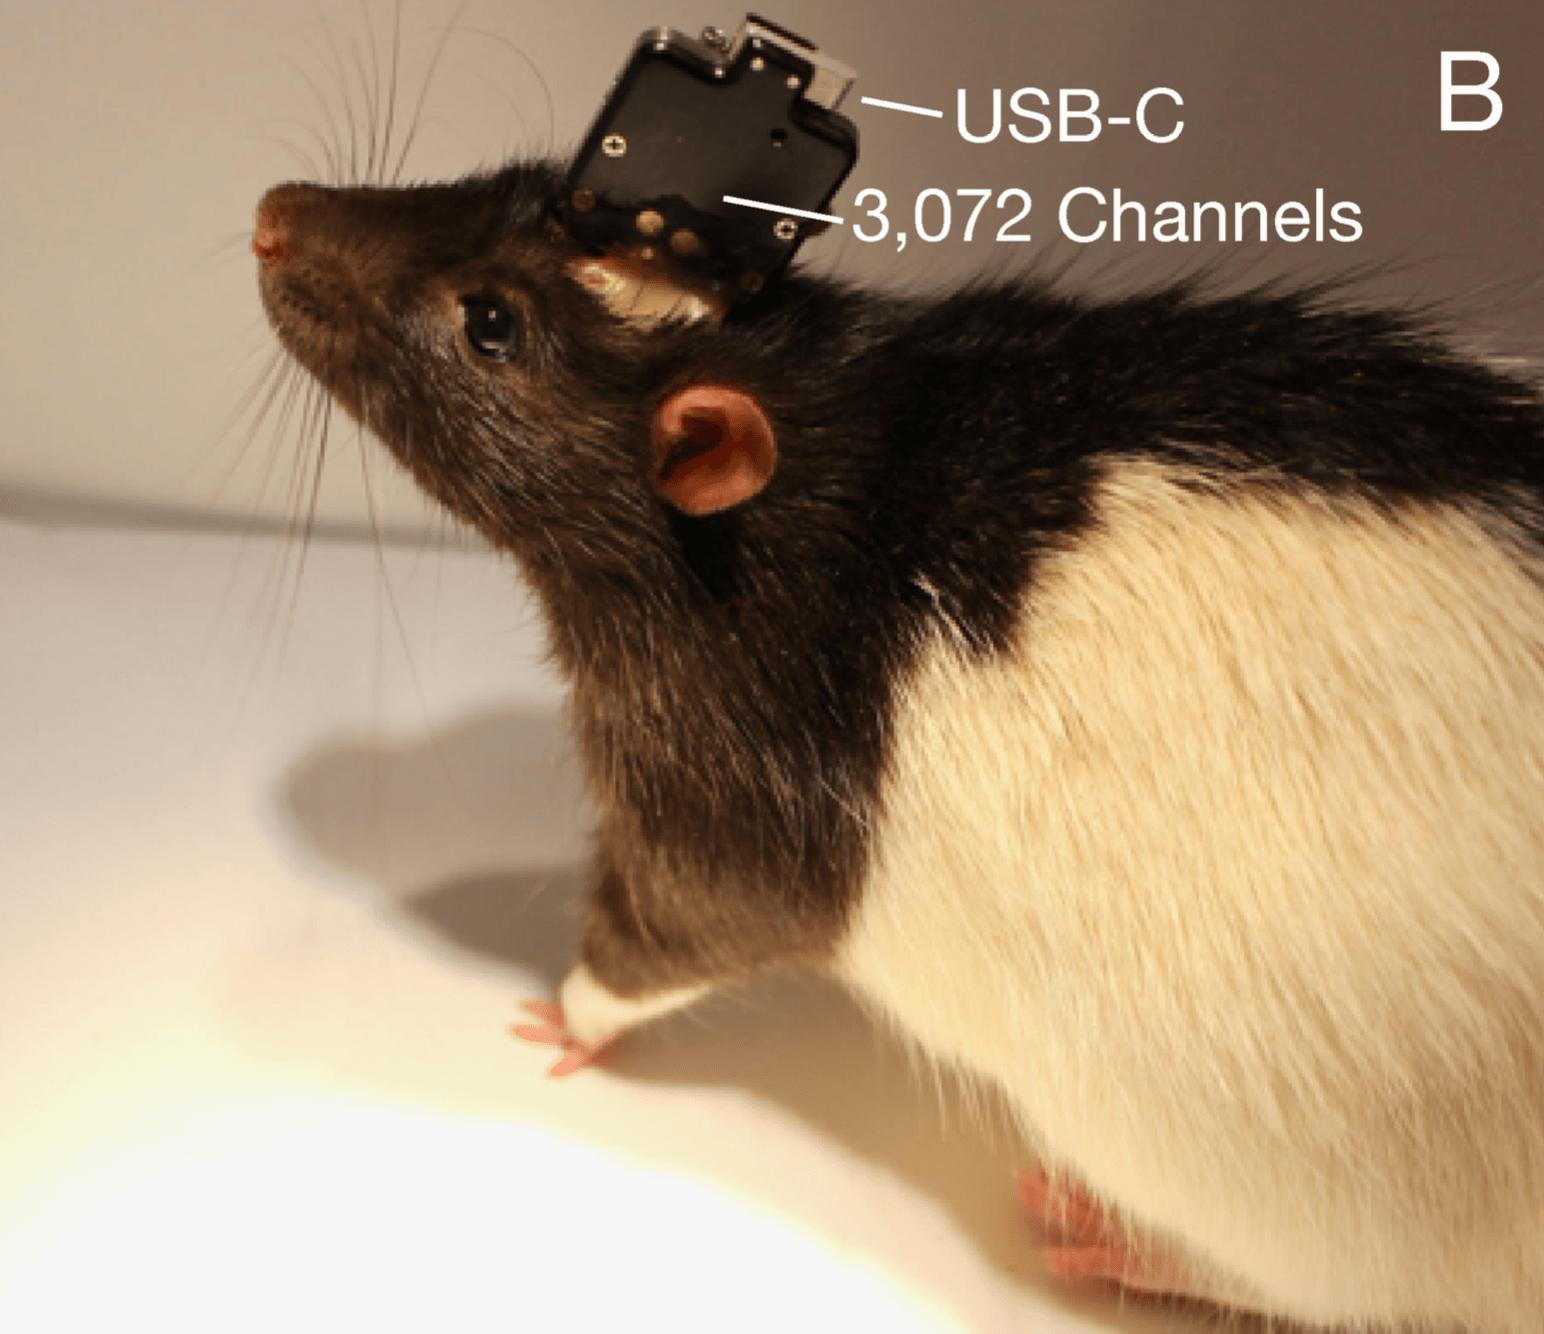 Илон Маск обнародовал планы Neuralink о «чтении мозгов» (screen shot 2019 07 16 at 7.23.29 pm)